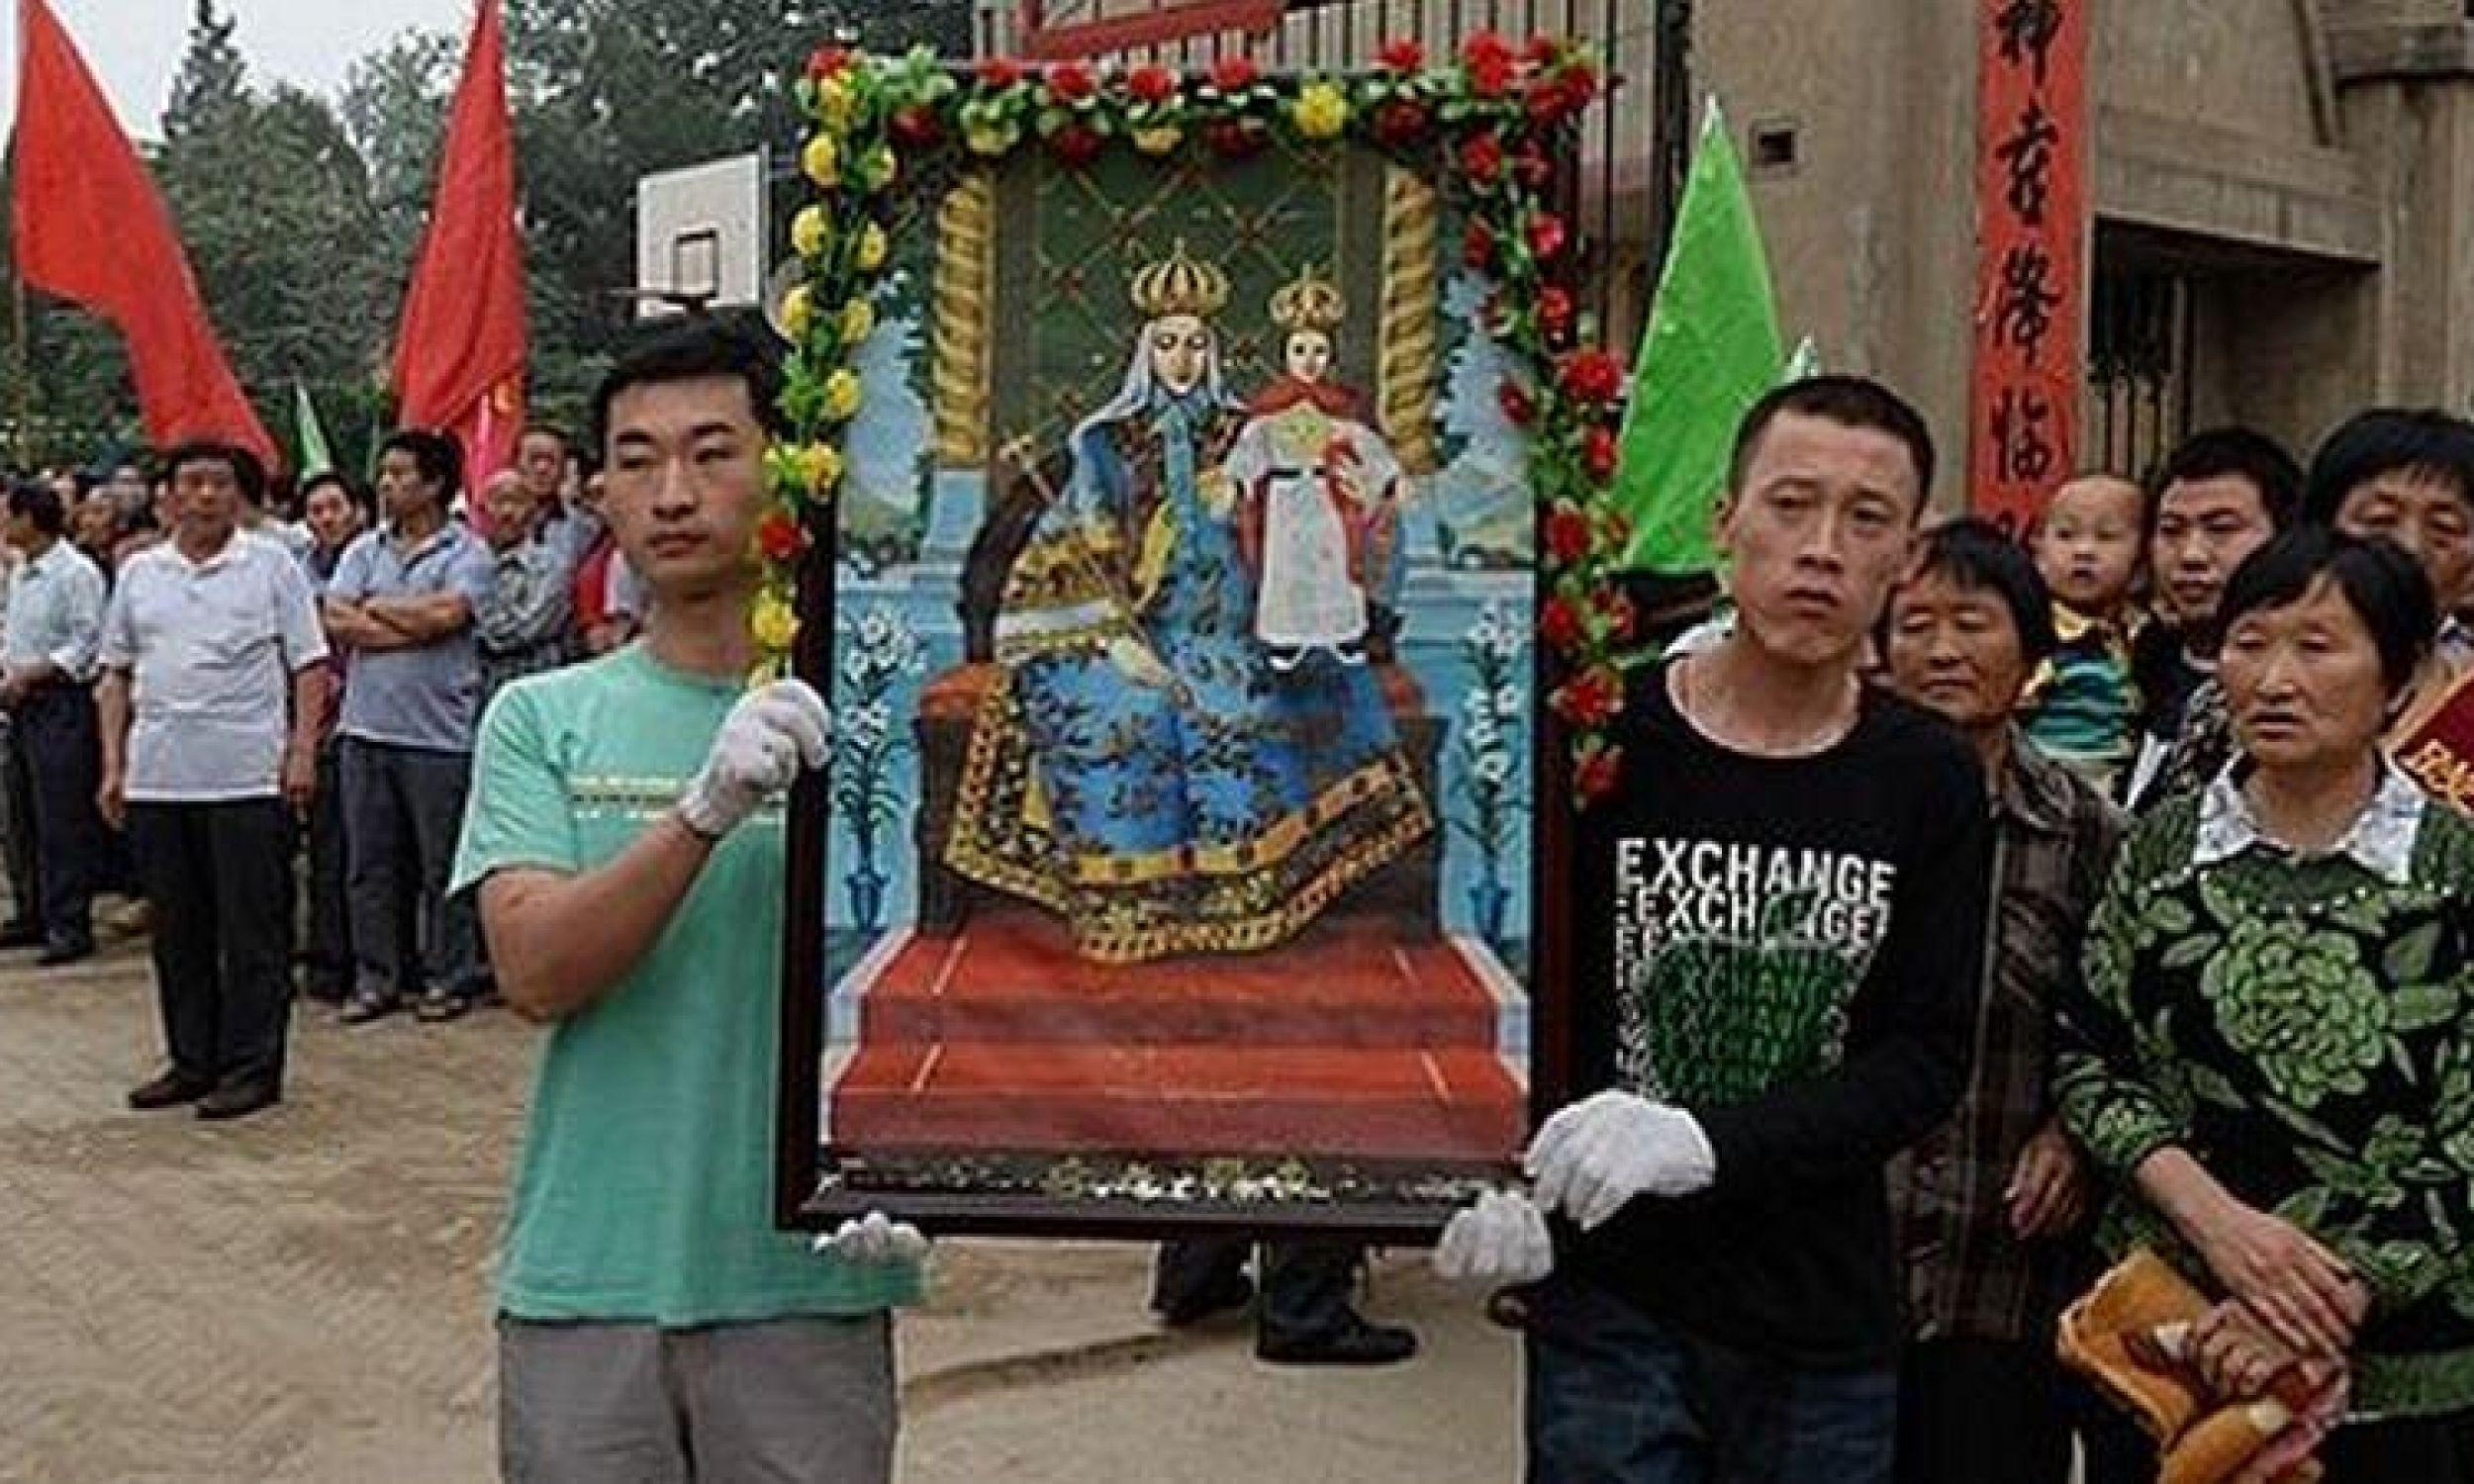 Wierni w Donglu na procesji z kopią obrazu Najświętszej Matki Królowej Chin ( Madonna i Jezus już w strojach europejskijch). Fot. Catholic.org.